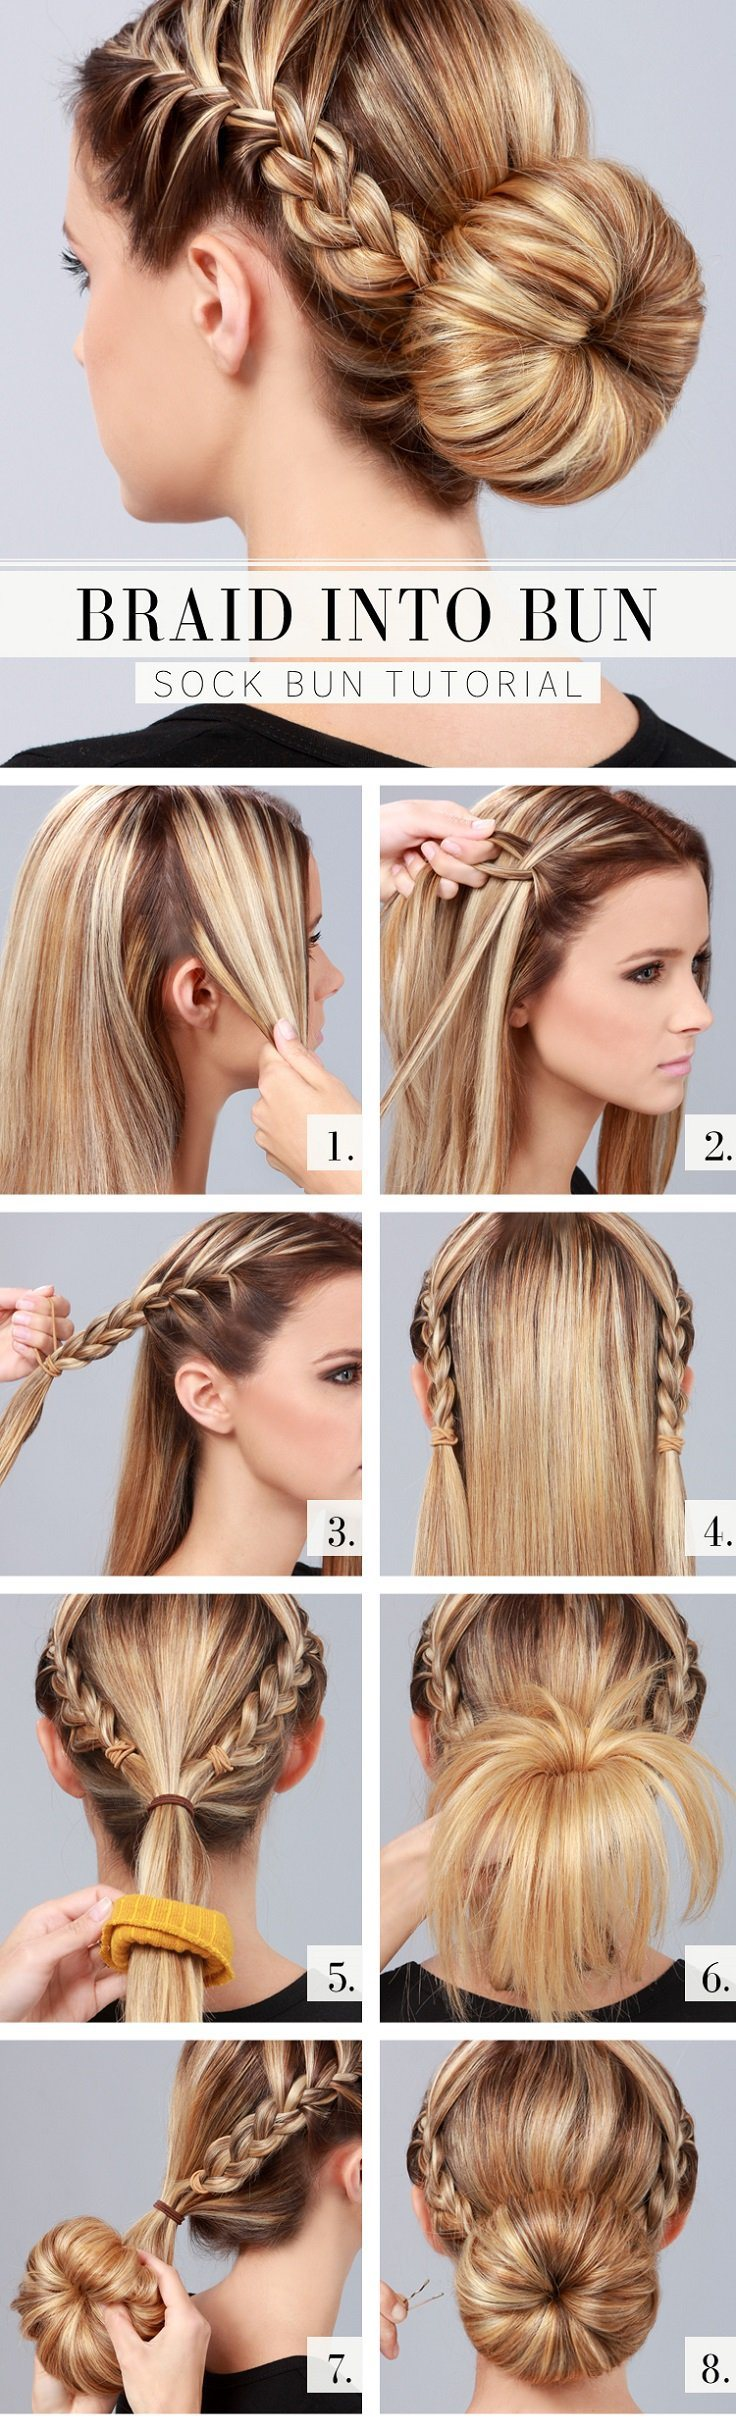 Peinados peinados pinterest bun tutorials hair style and easy